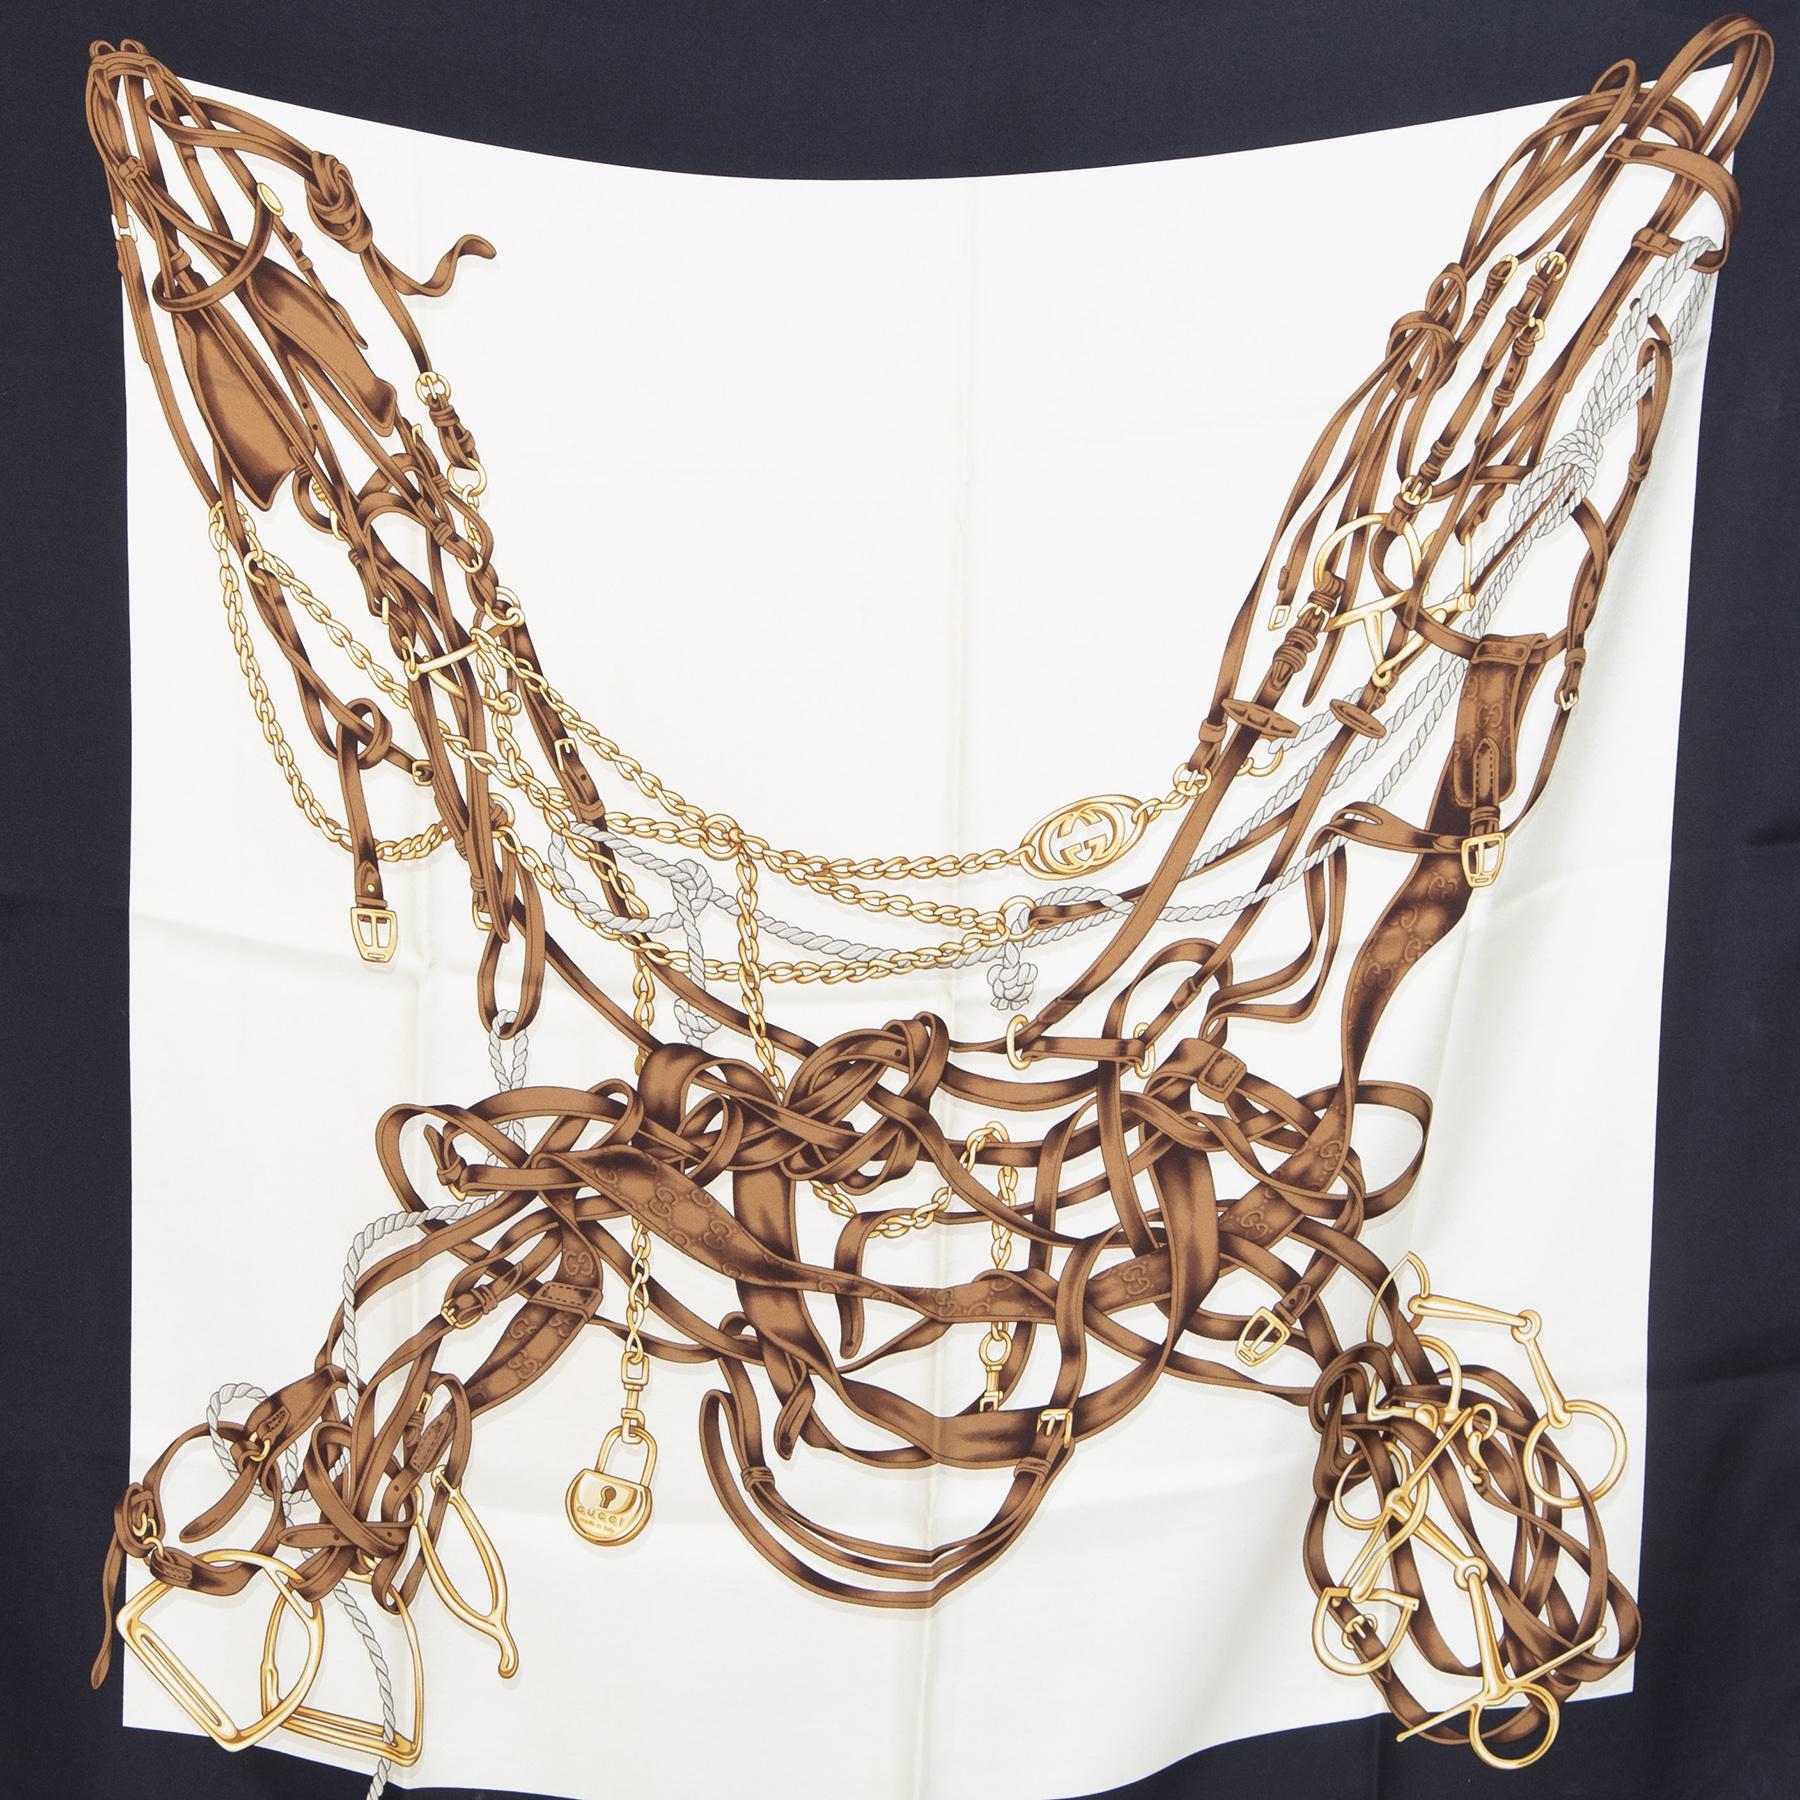 Authentieke Tweedehands Gucci Equestrian Style Scarf juiste prijs veilig online shoppen luxe merken webshop winkelen Antwerpen België mode fashion